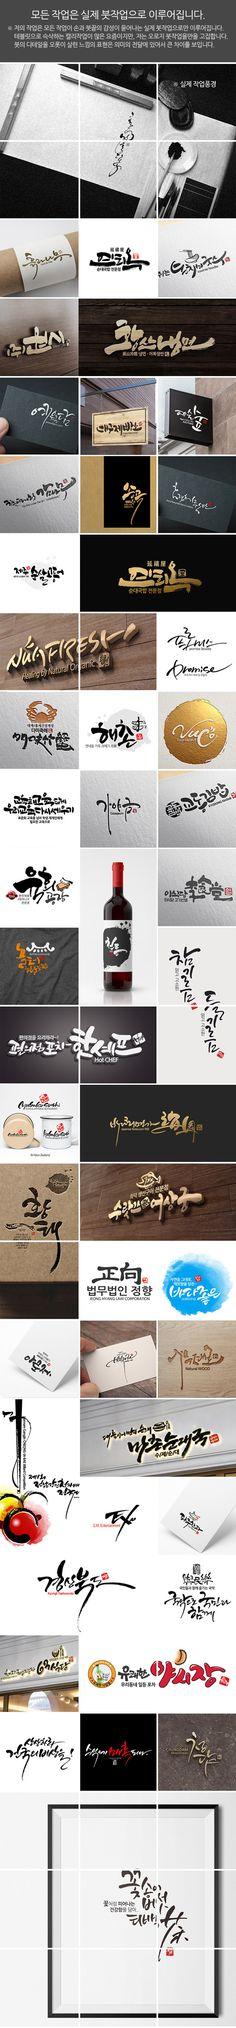 당신의 비즈니스를 성장시킬 전문가를 만나보세요. Caligraphy, Wise Quotes, Logo Design, Typography, Sayings, Logos, Korea, Drawing, Letterpress